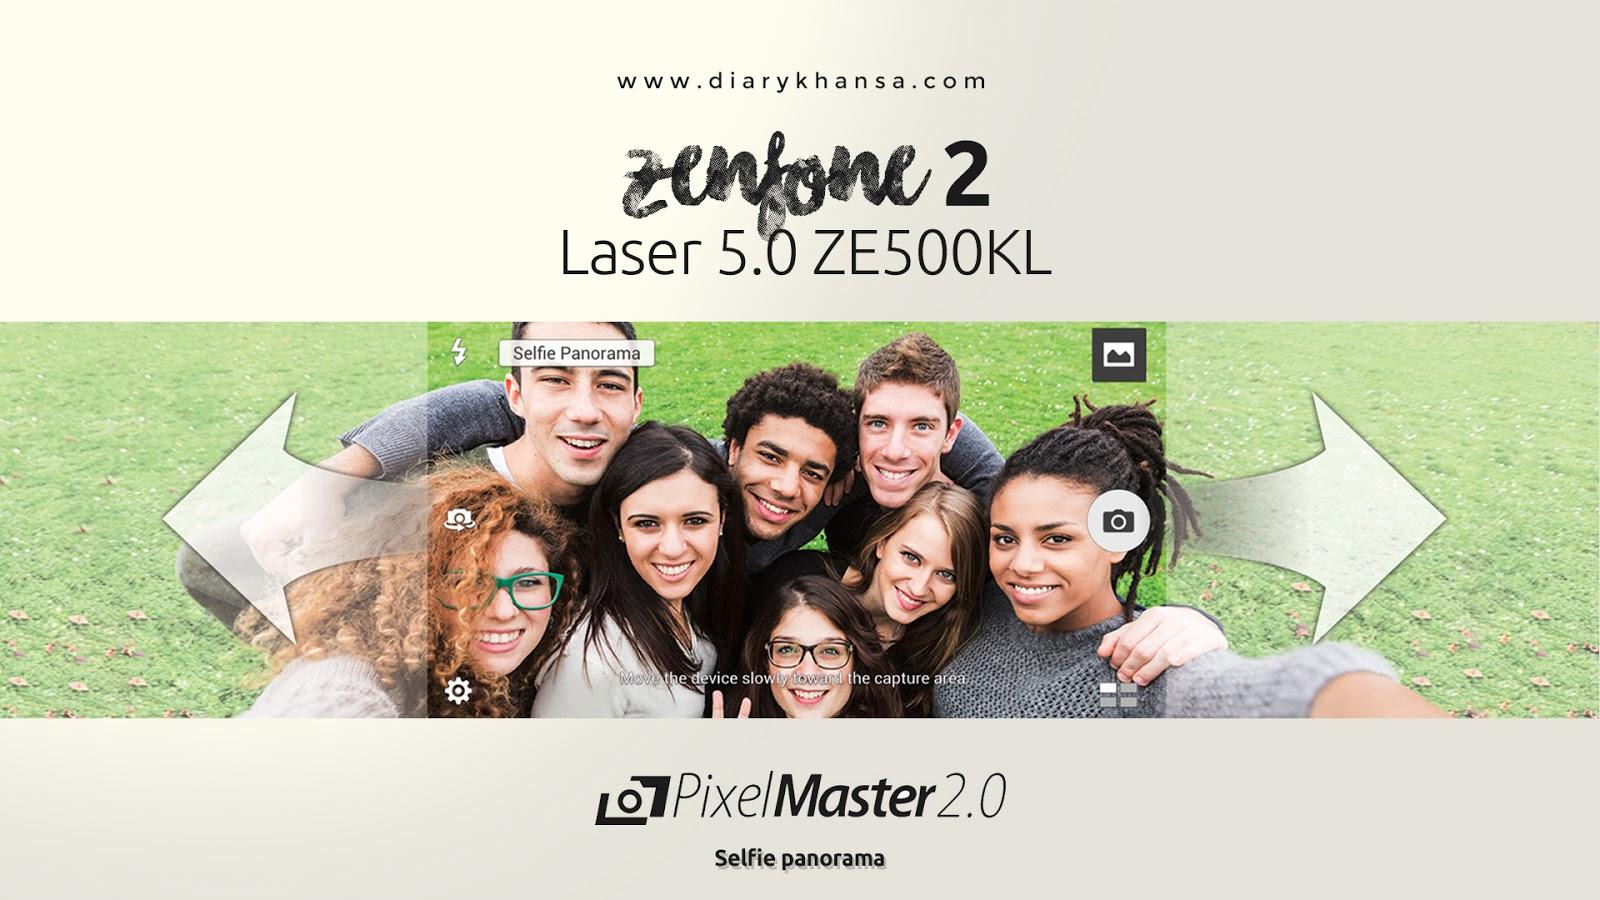 ZenFone 2 Laser 5. 0 ZE500KL